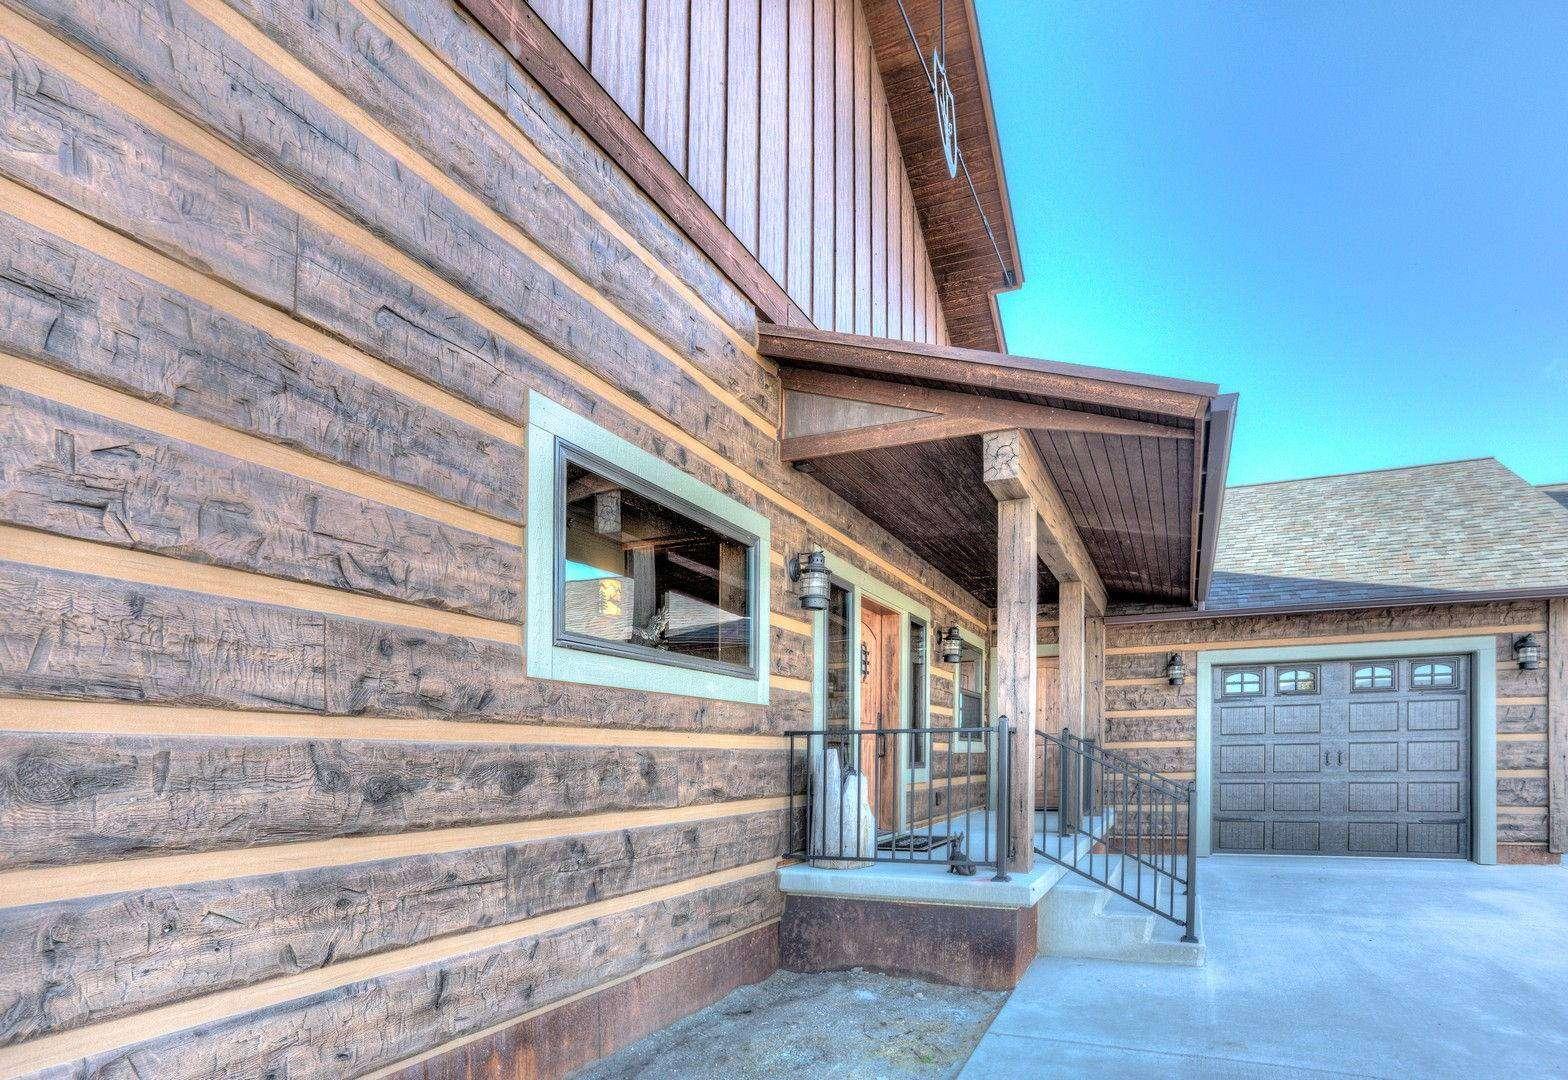 Concrete Siding For Homes : Florence montana timber log siding everlog systems